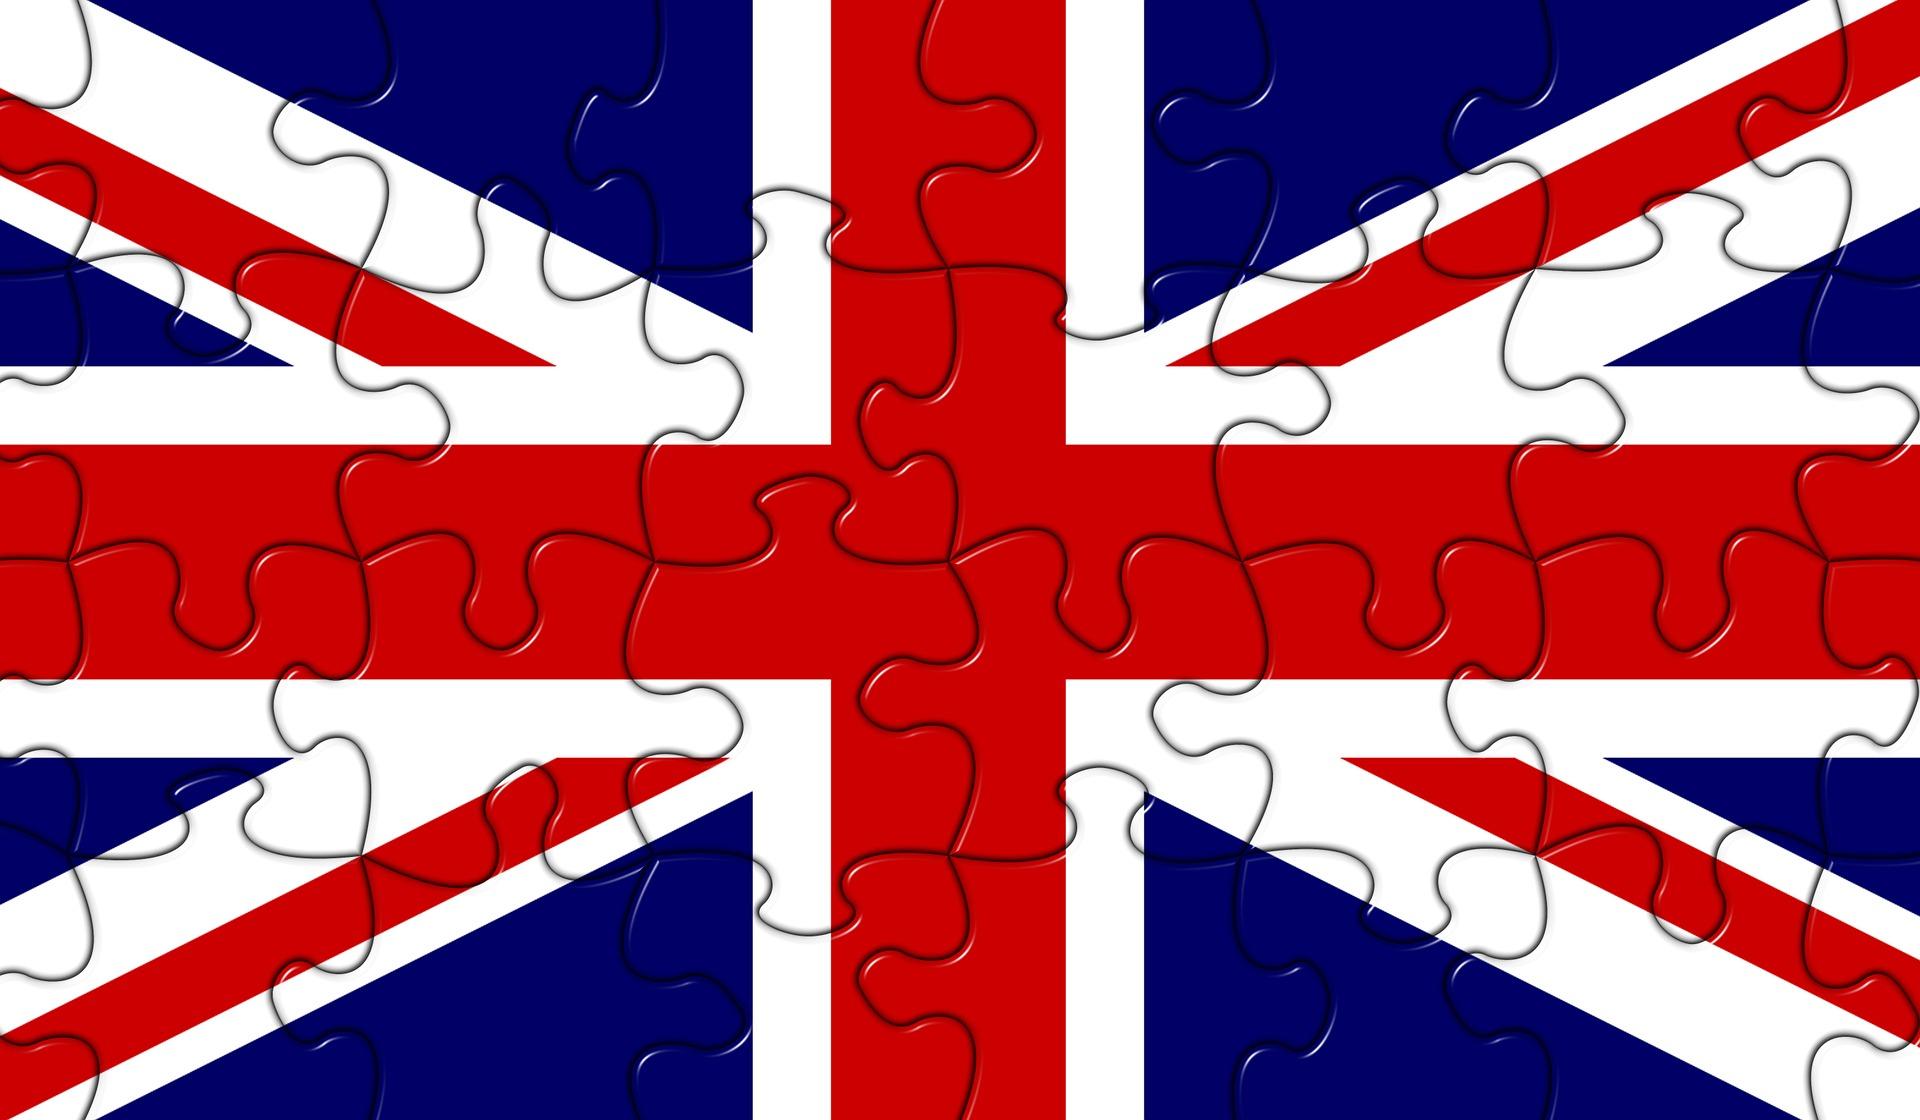 Reino Unido exige un nivel C1 de inglés para trabajar como enfermero